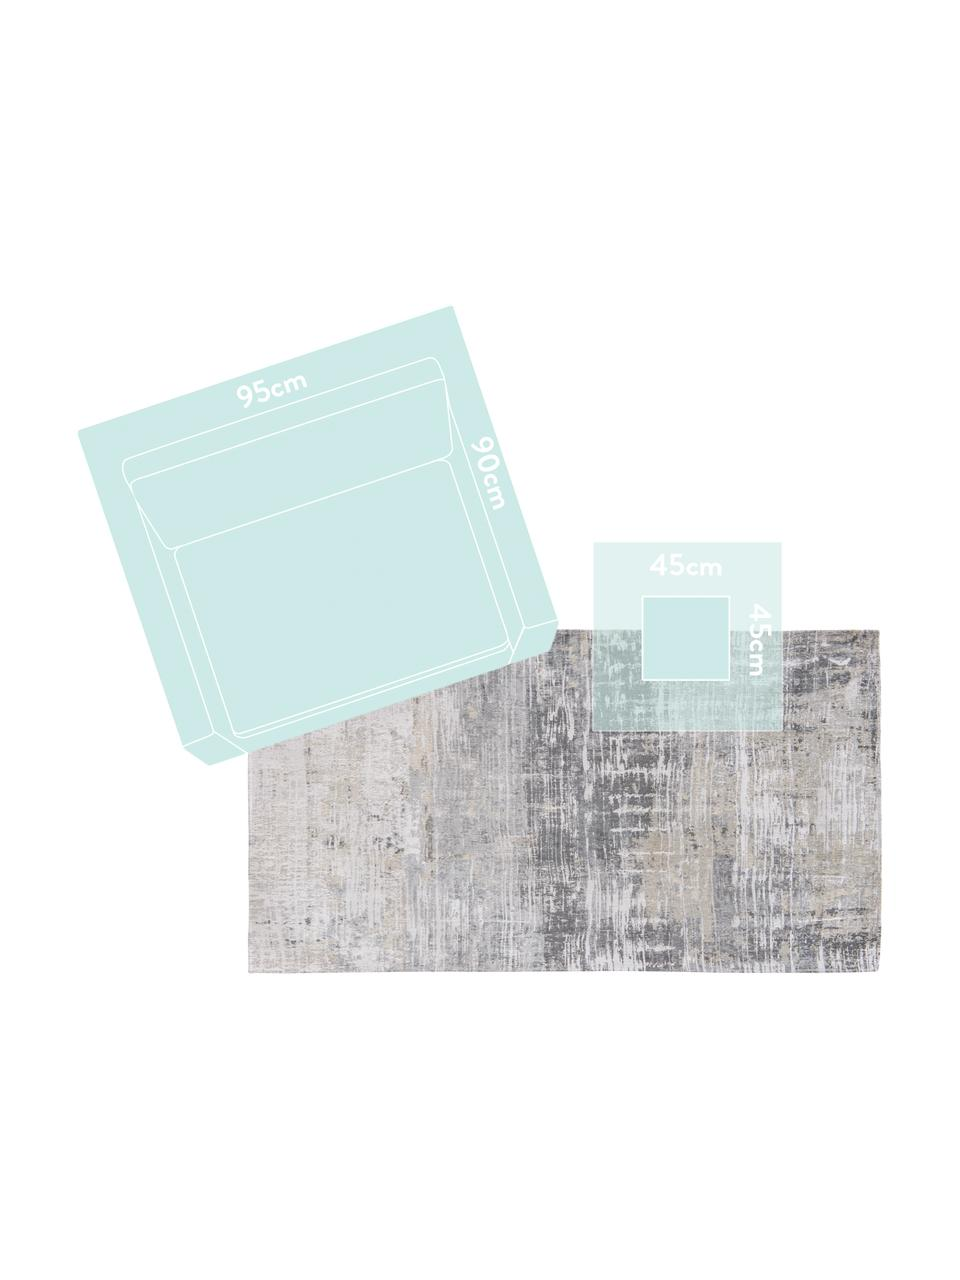 Tappeto grigio di design Streaks, Tessuto: Jacquard, Retro: Miscela di cotone, rivest, Tonalità grigie, Larg. 140 x Lung. 200 cm (taglia S)